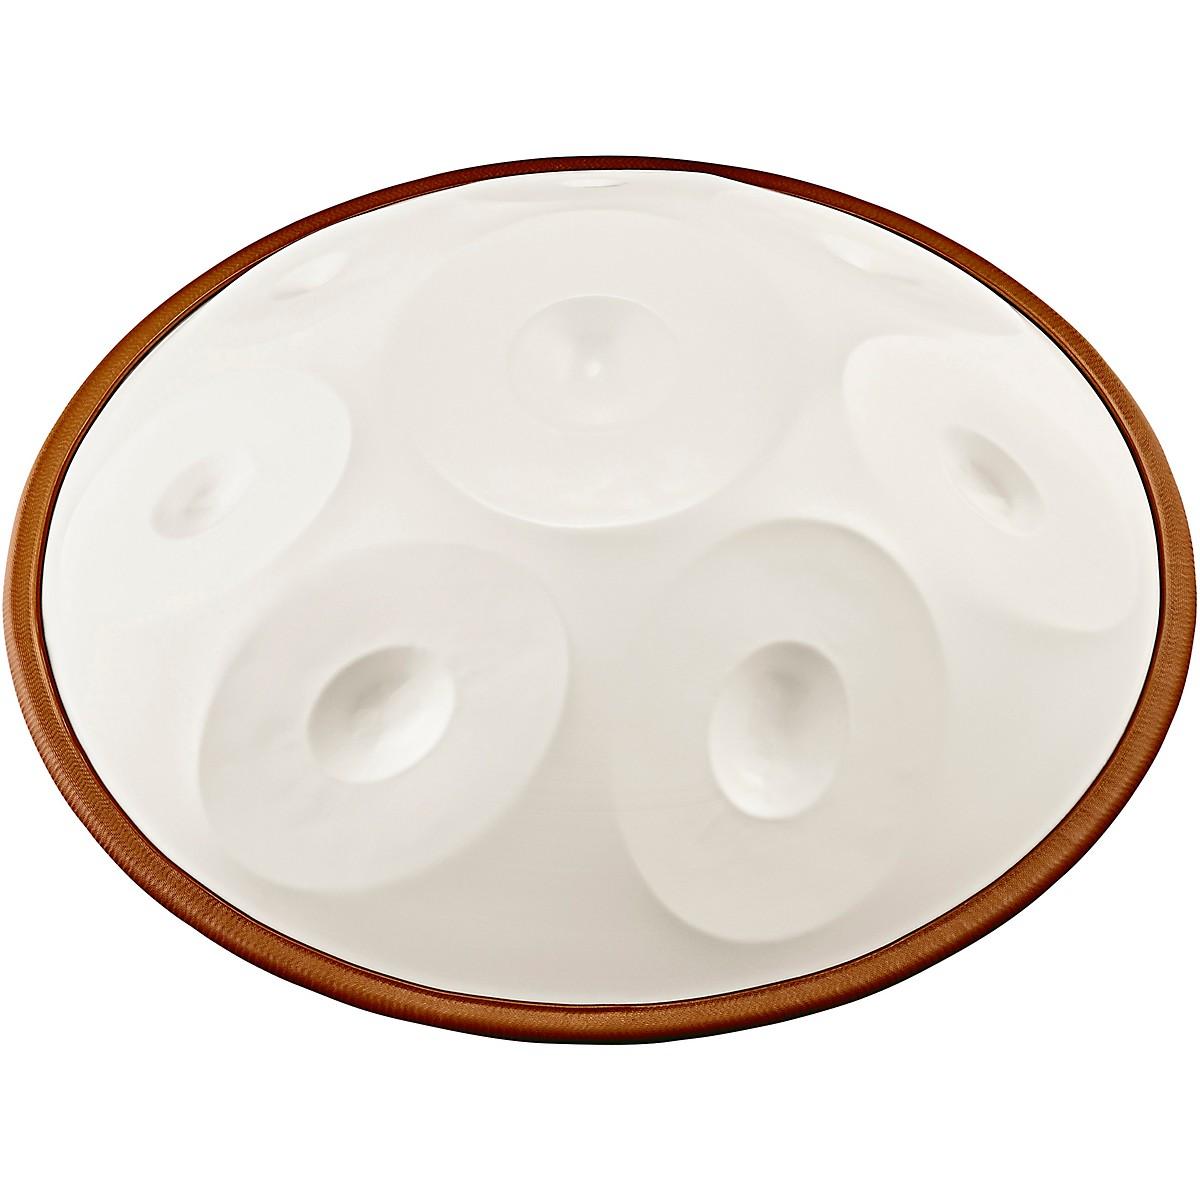 Meinl Sonic Energy Harmonic Art Handpan in White Jade, Natural D